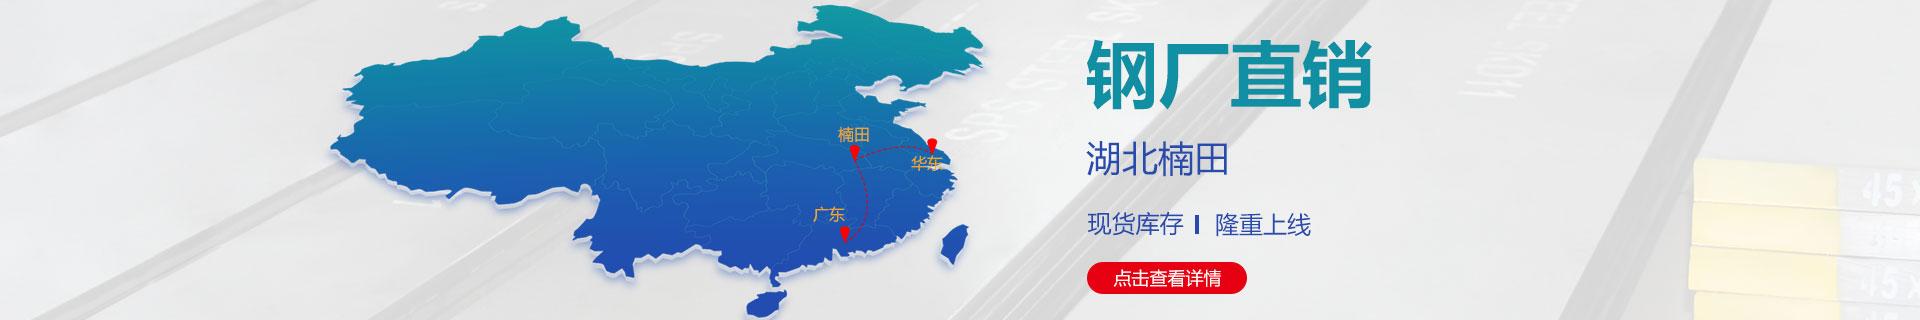 湖北楠田入驻51模材网钢厂直销